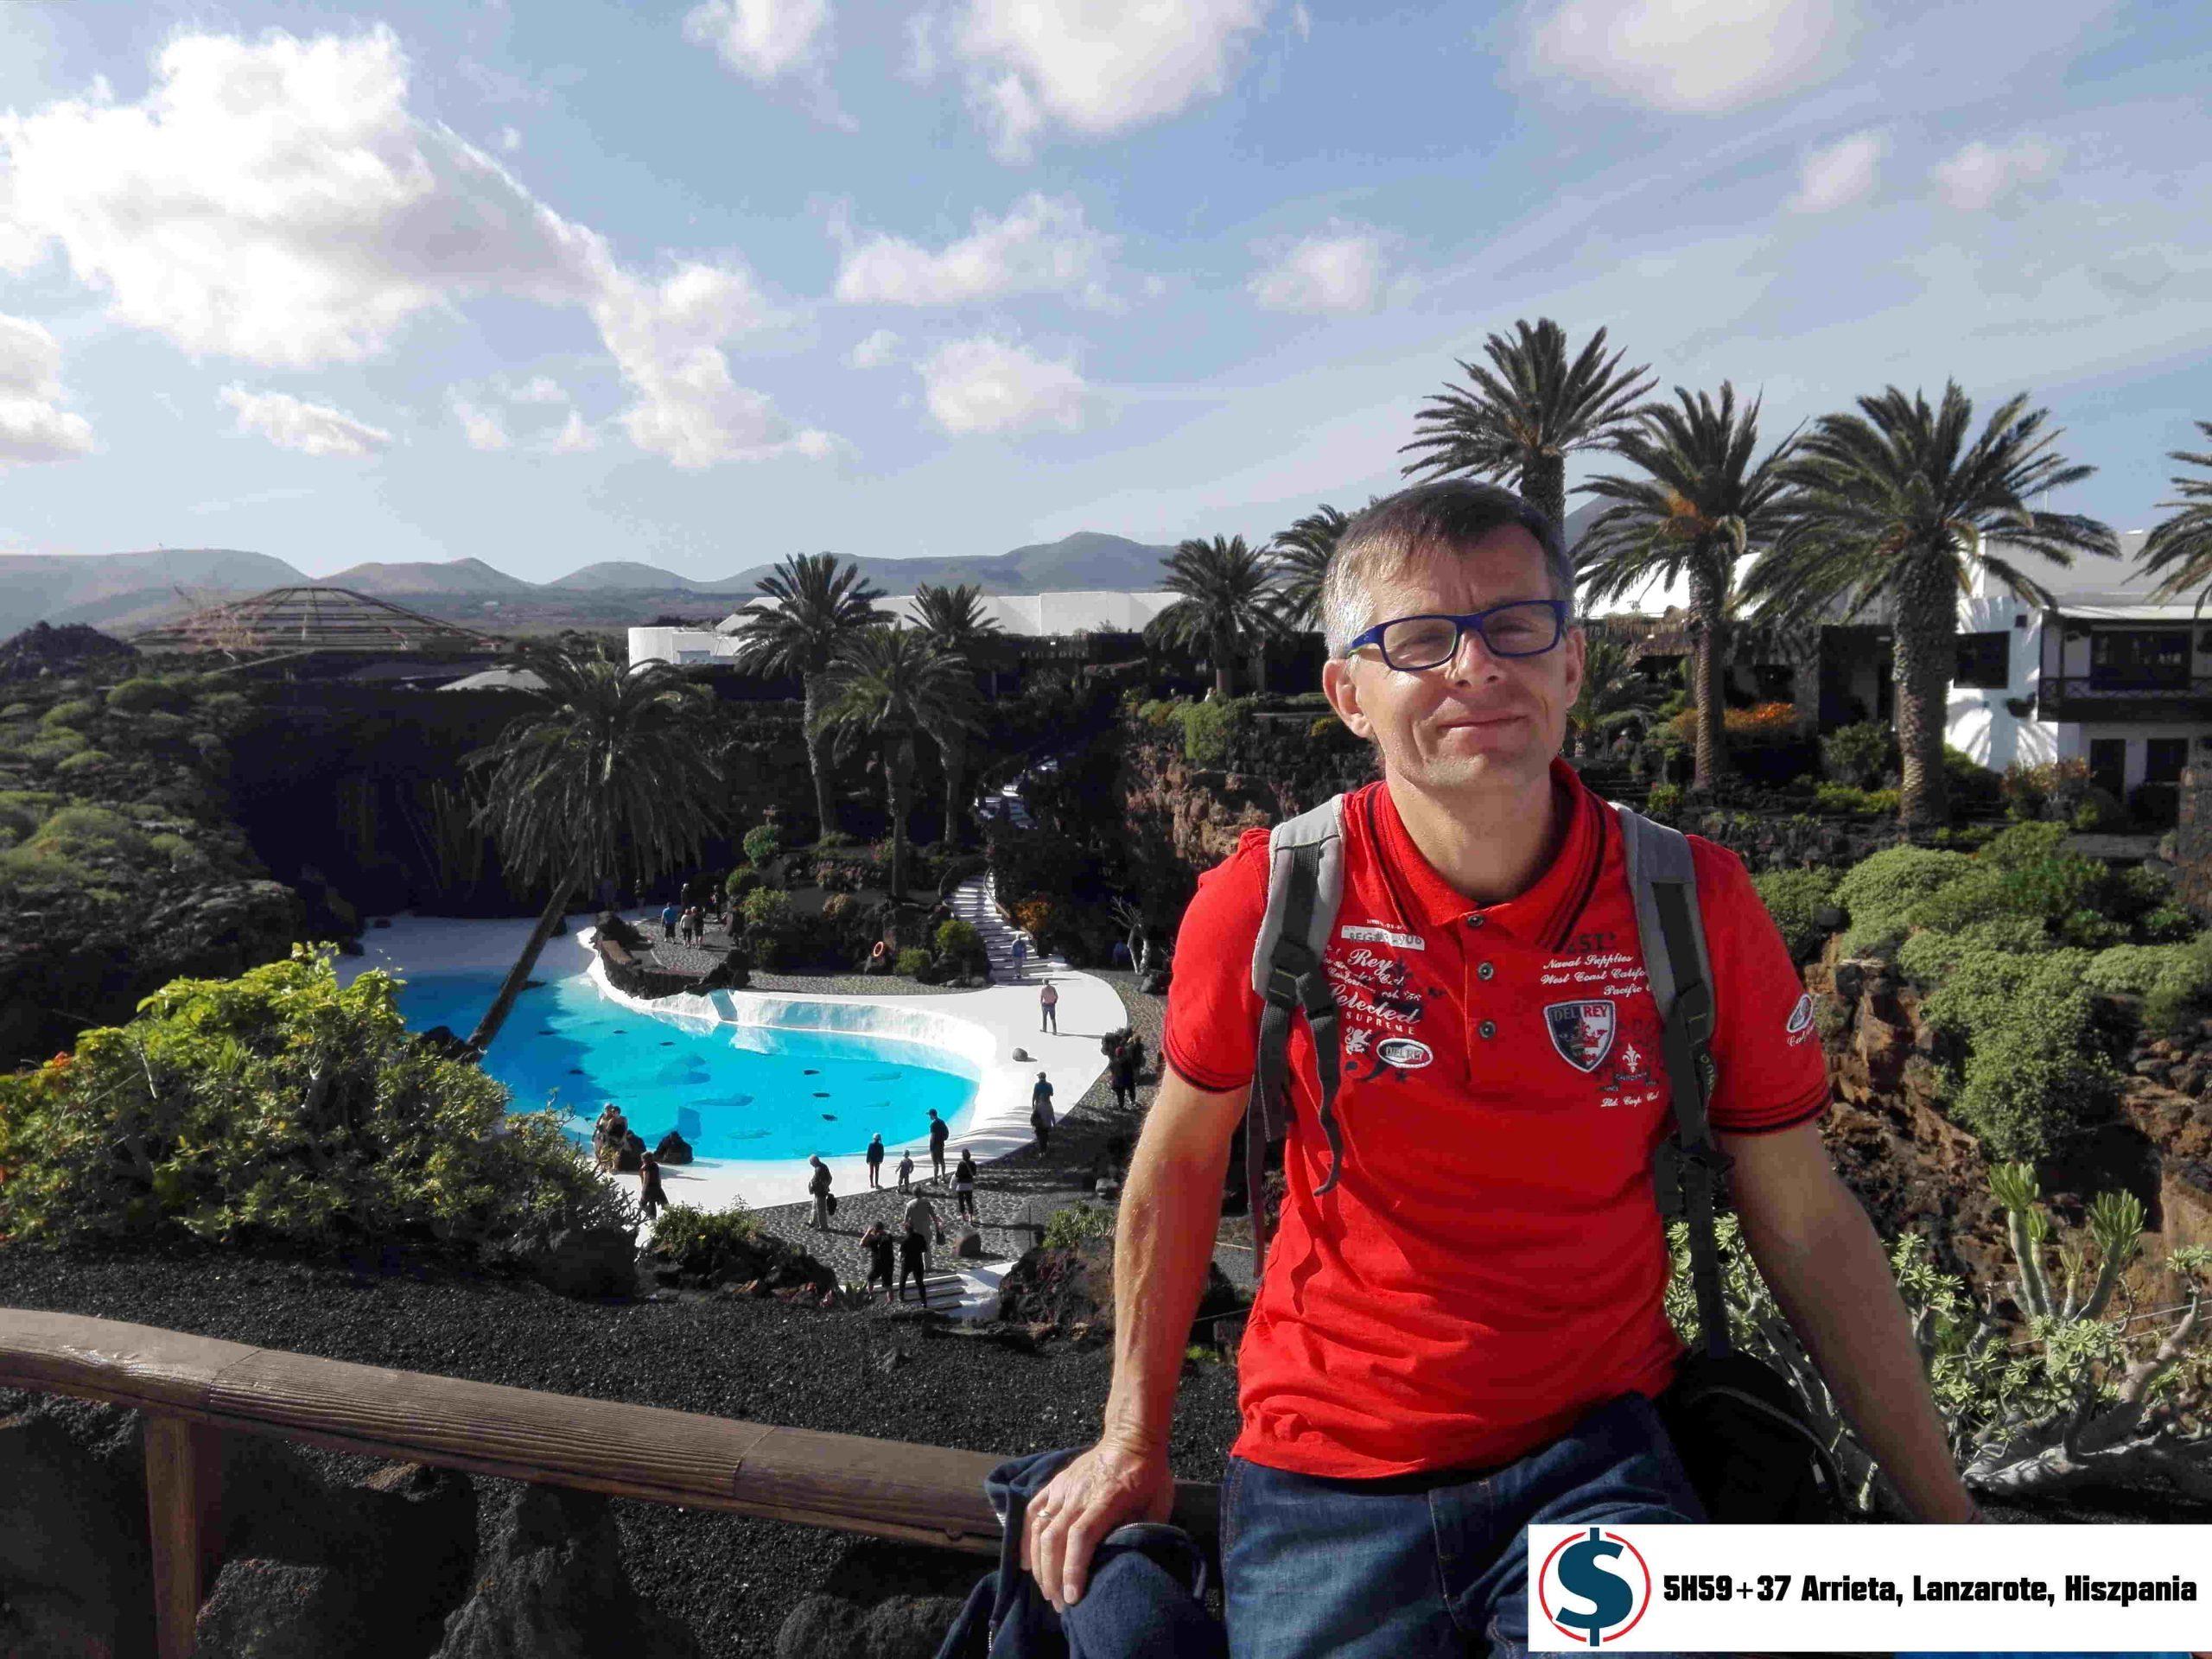 Kiedy chcesz przejść na finansową emeryturę? Hotel z basenem w wulkanie 5H59+37 Arrieta Lanzarote Hiszpania